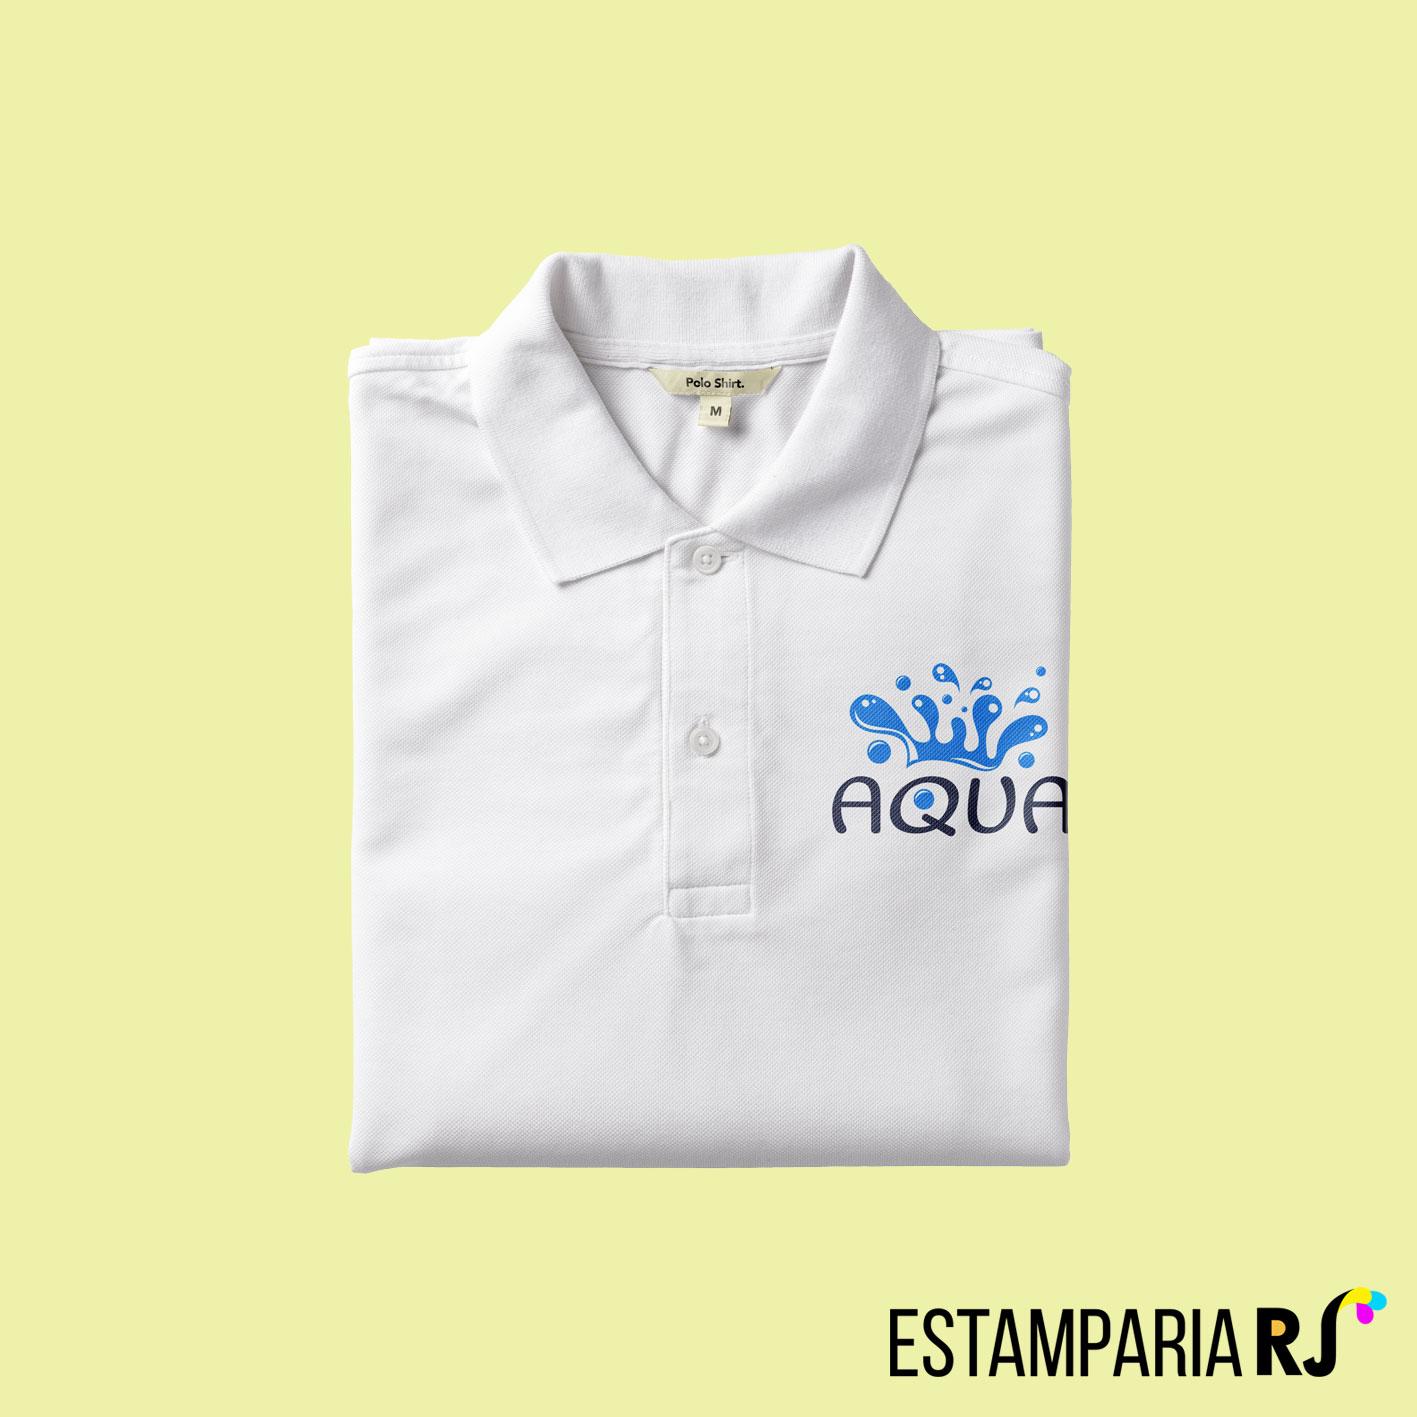 Camisas Personalizadas em Niterói 15ac610804088